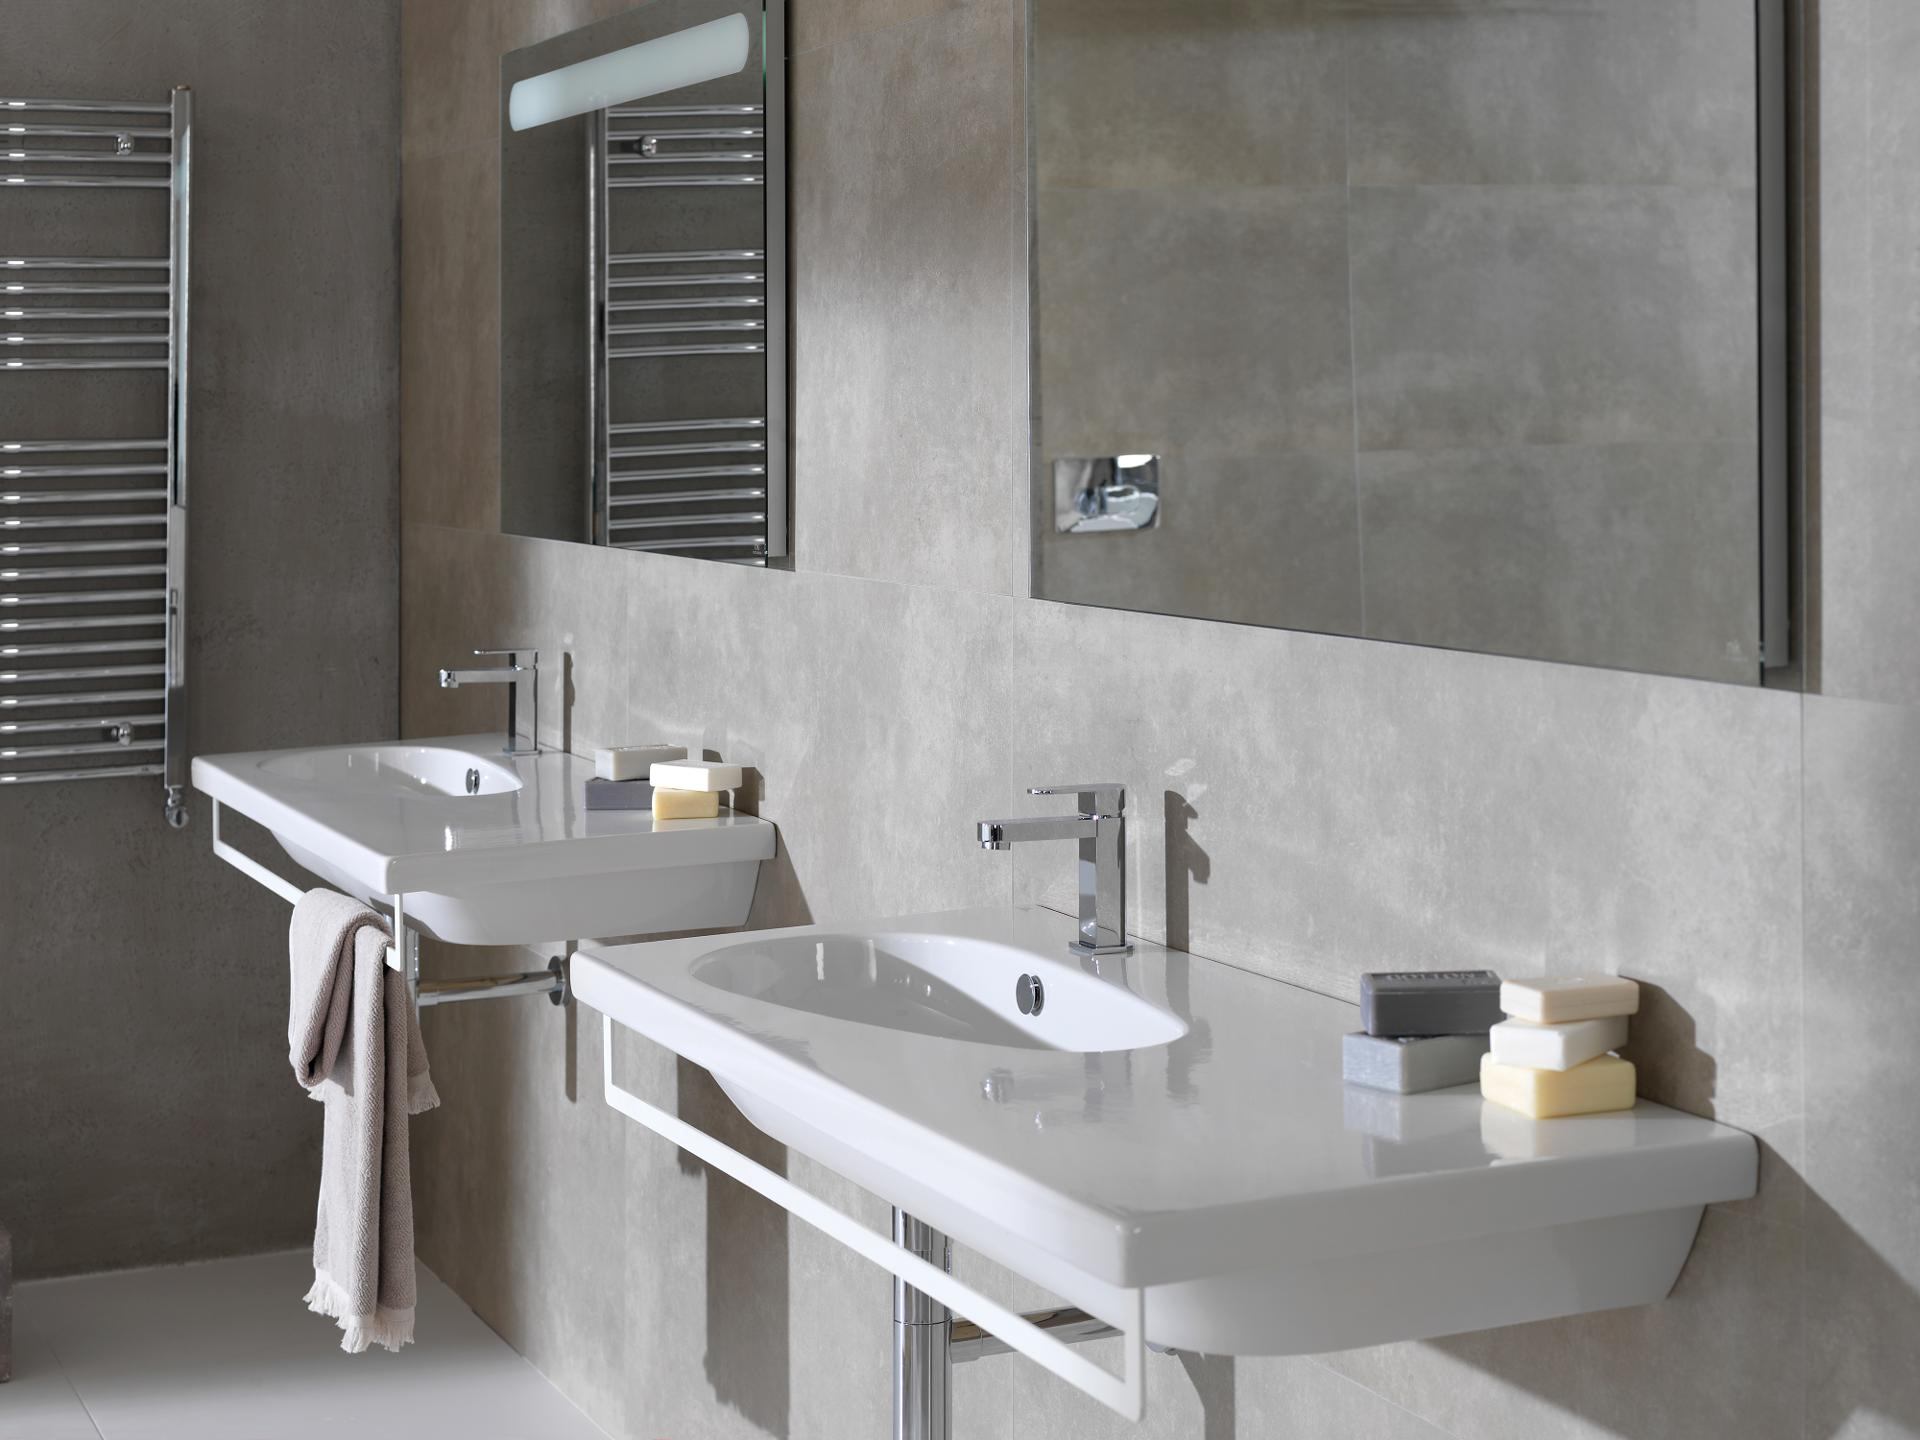 Lavabo hotels 100126423 robinetterie salle de bain noken for Robinetterie porcelanosa